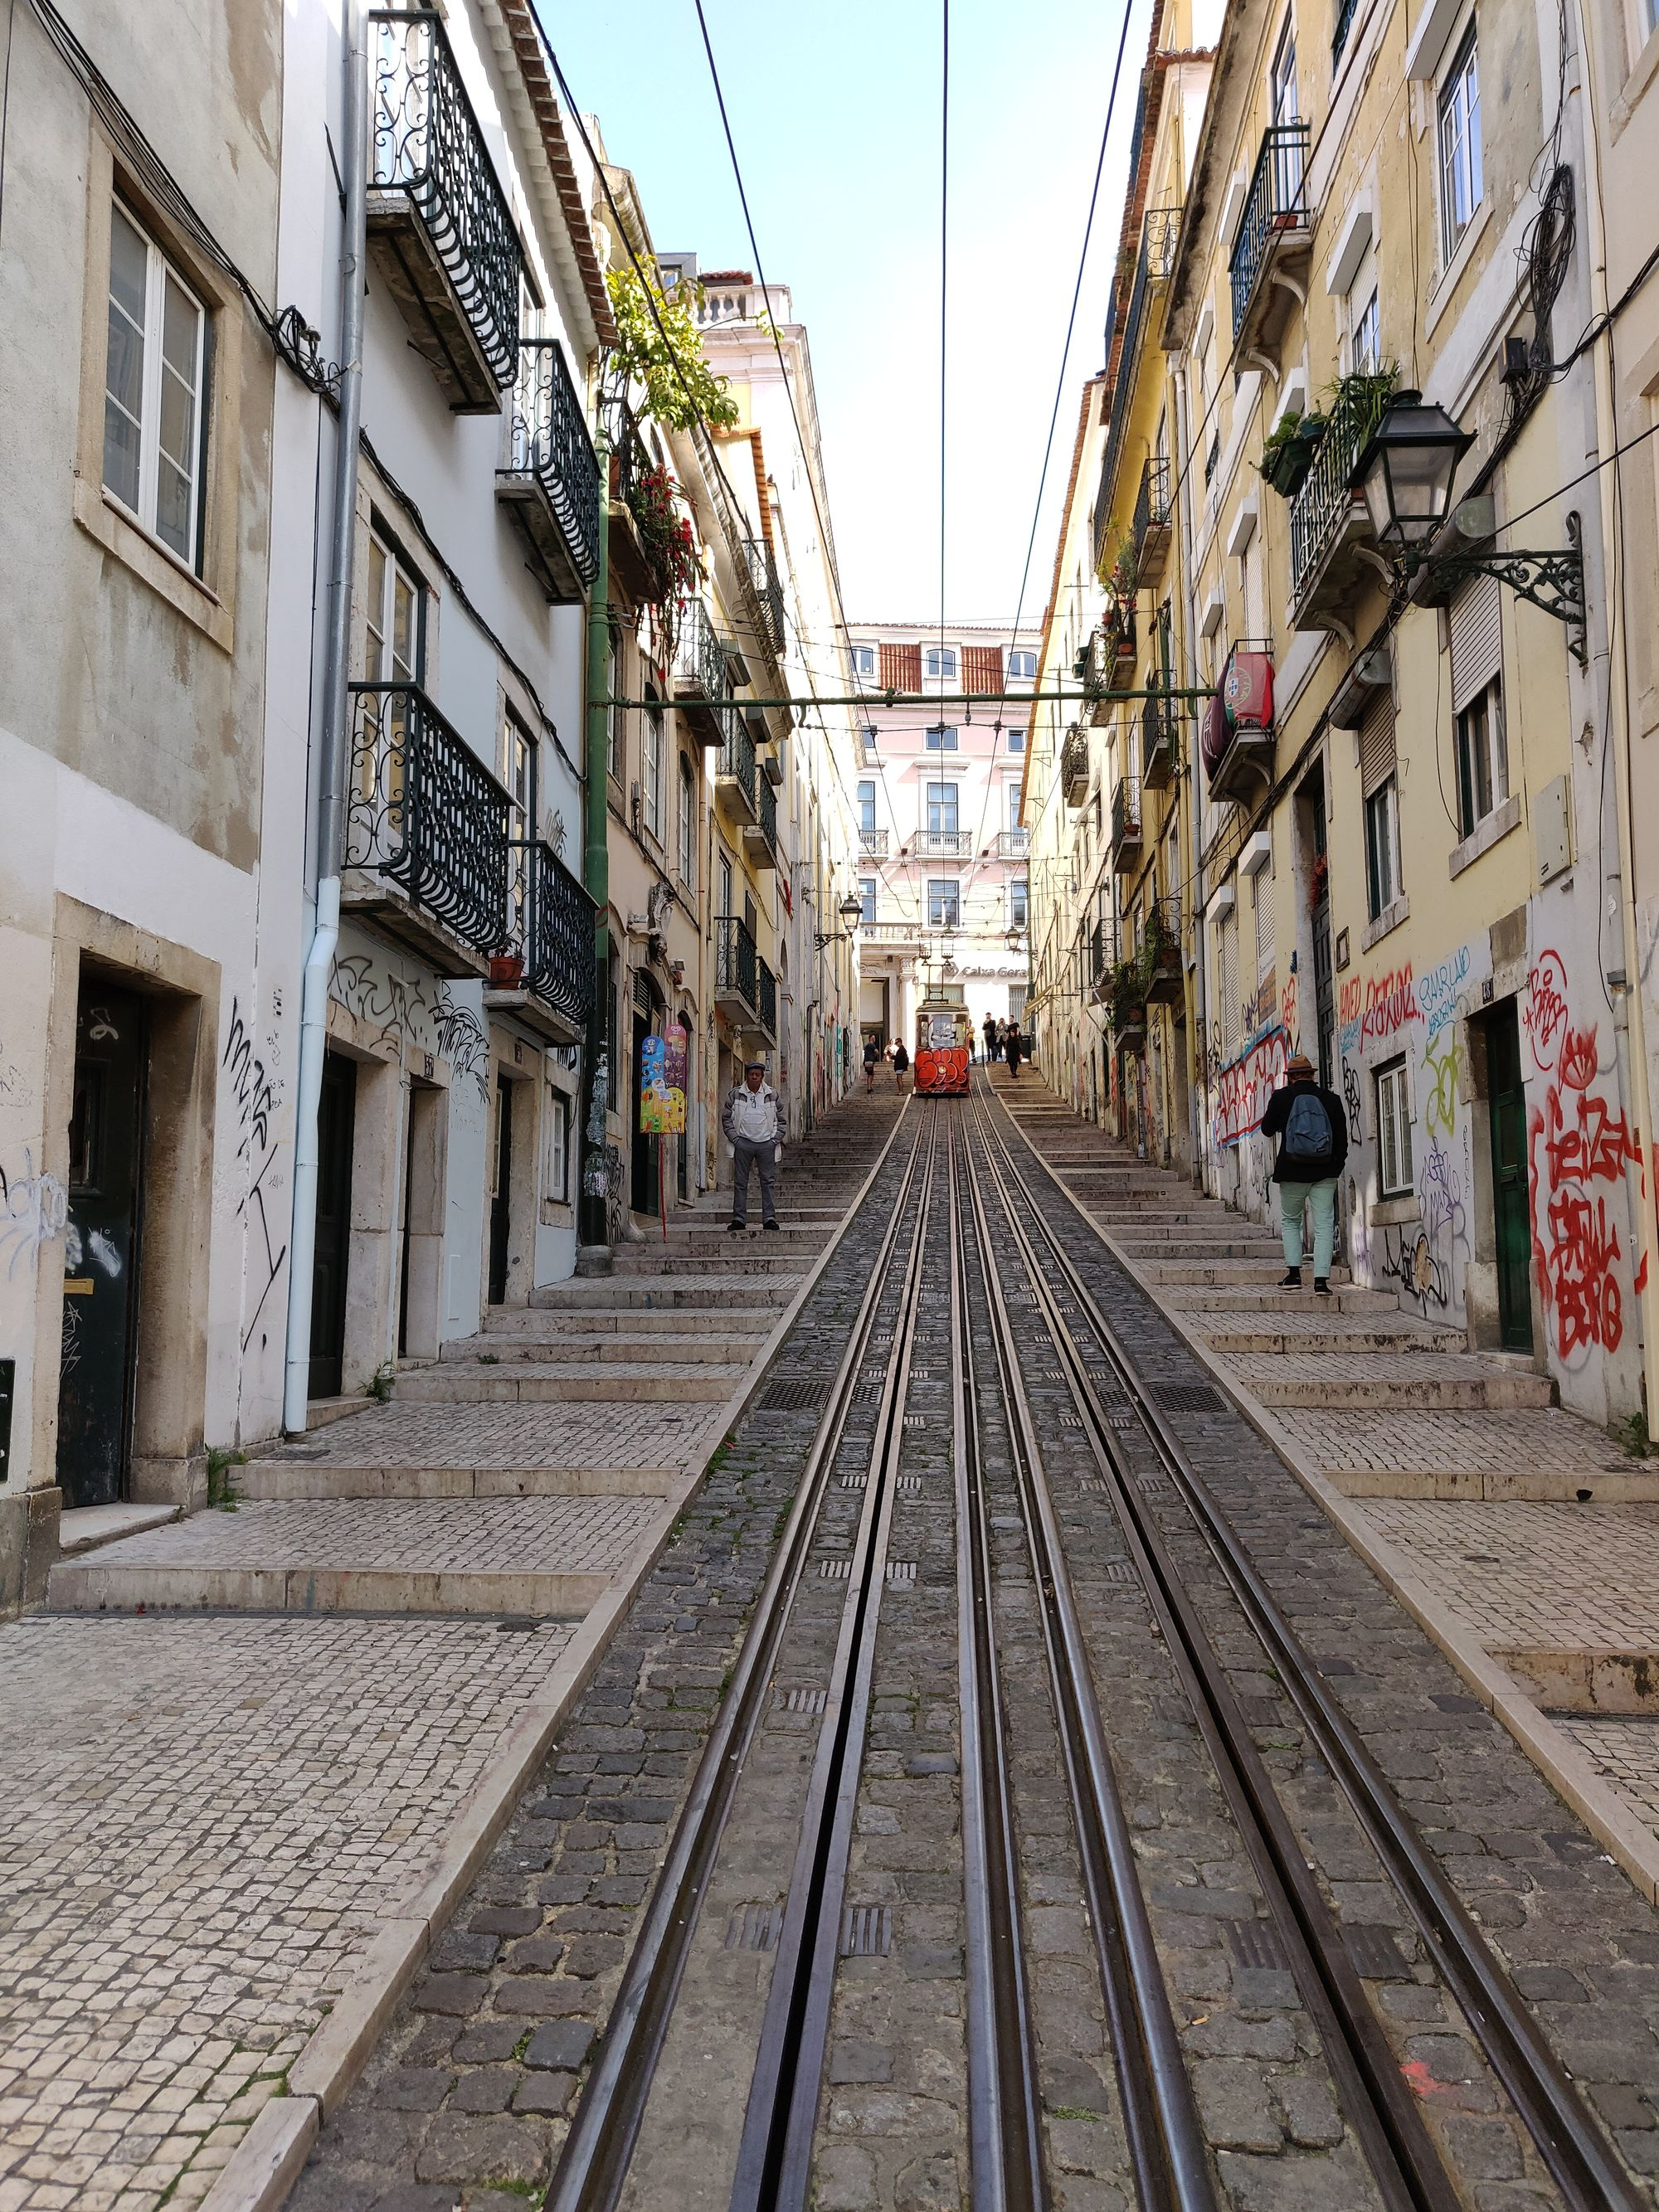 Le bout de la rue montante avec un tramway orange